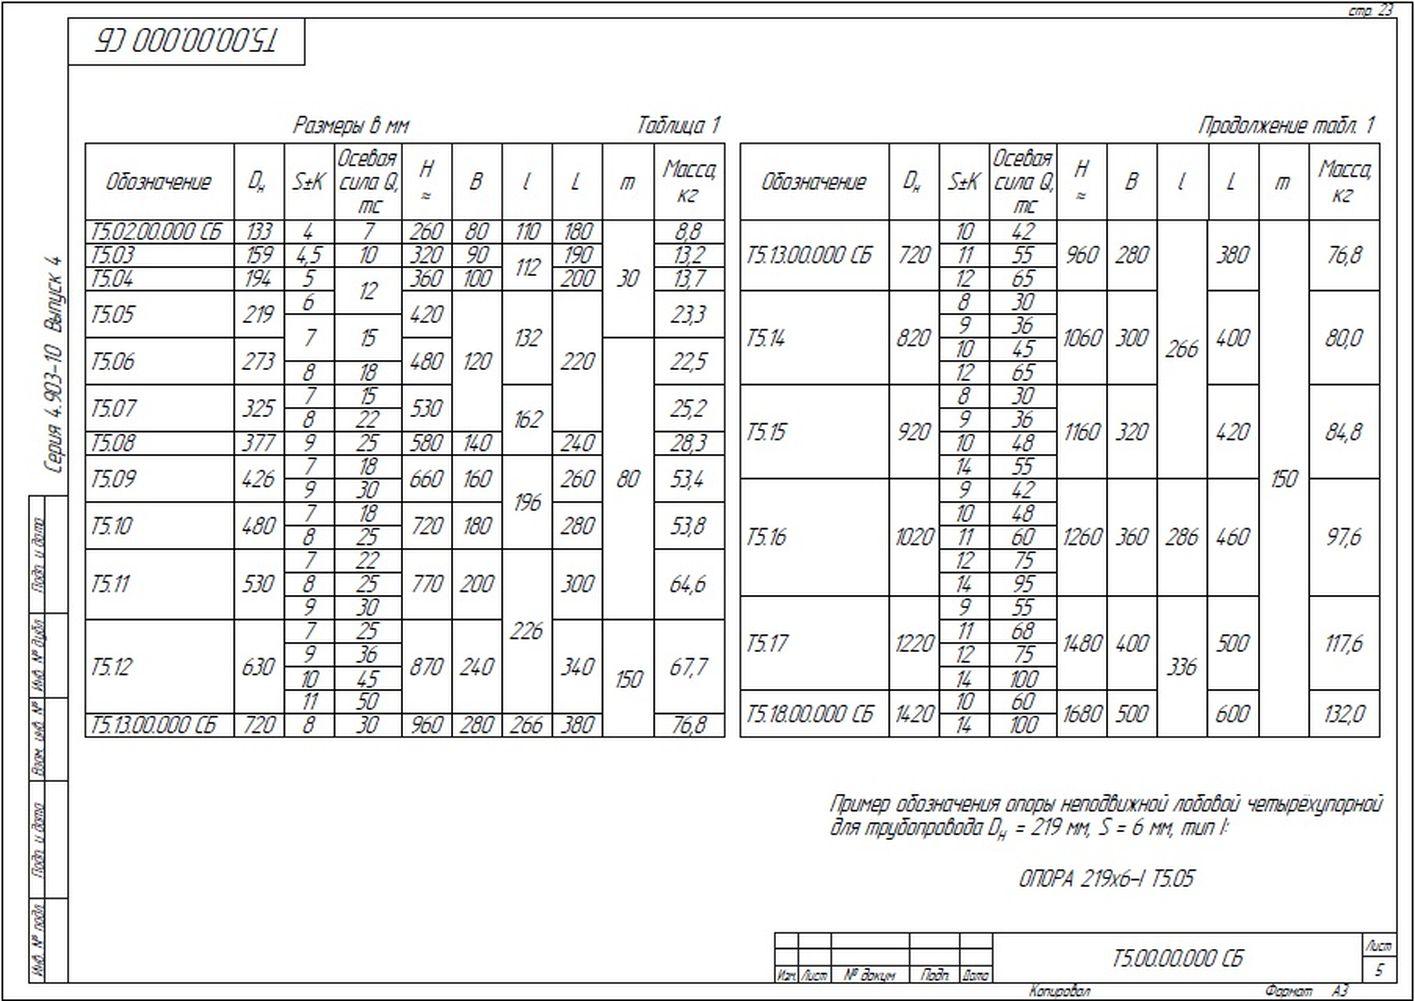 Опора неподвижная лобовая четырехупорная Т5 серия 4.903-10 вып.4 стр.5